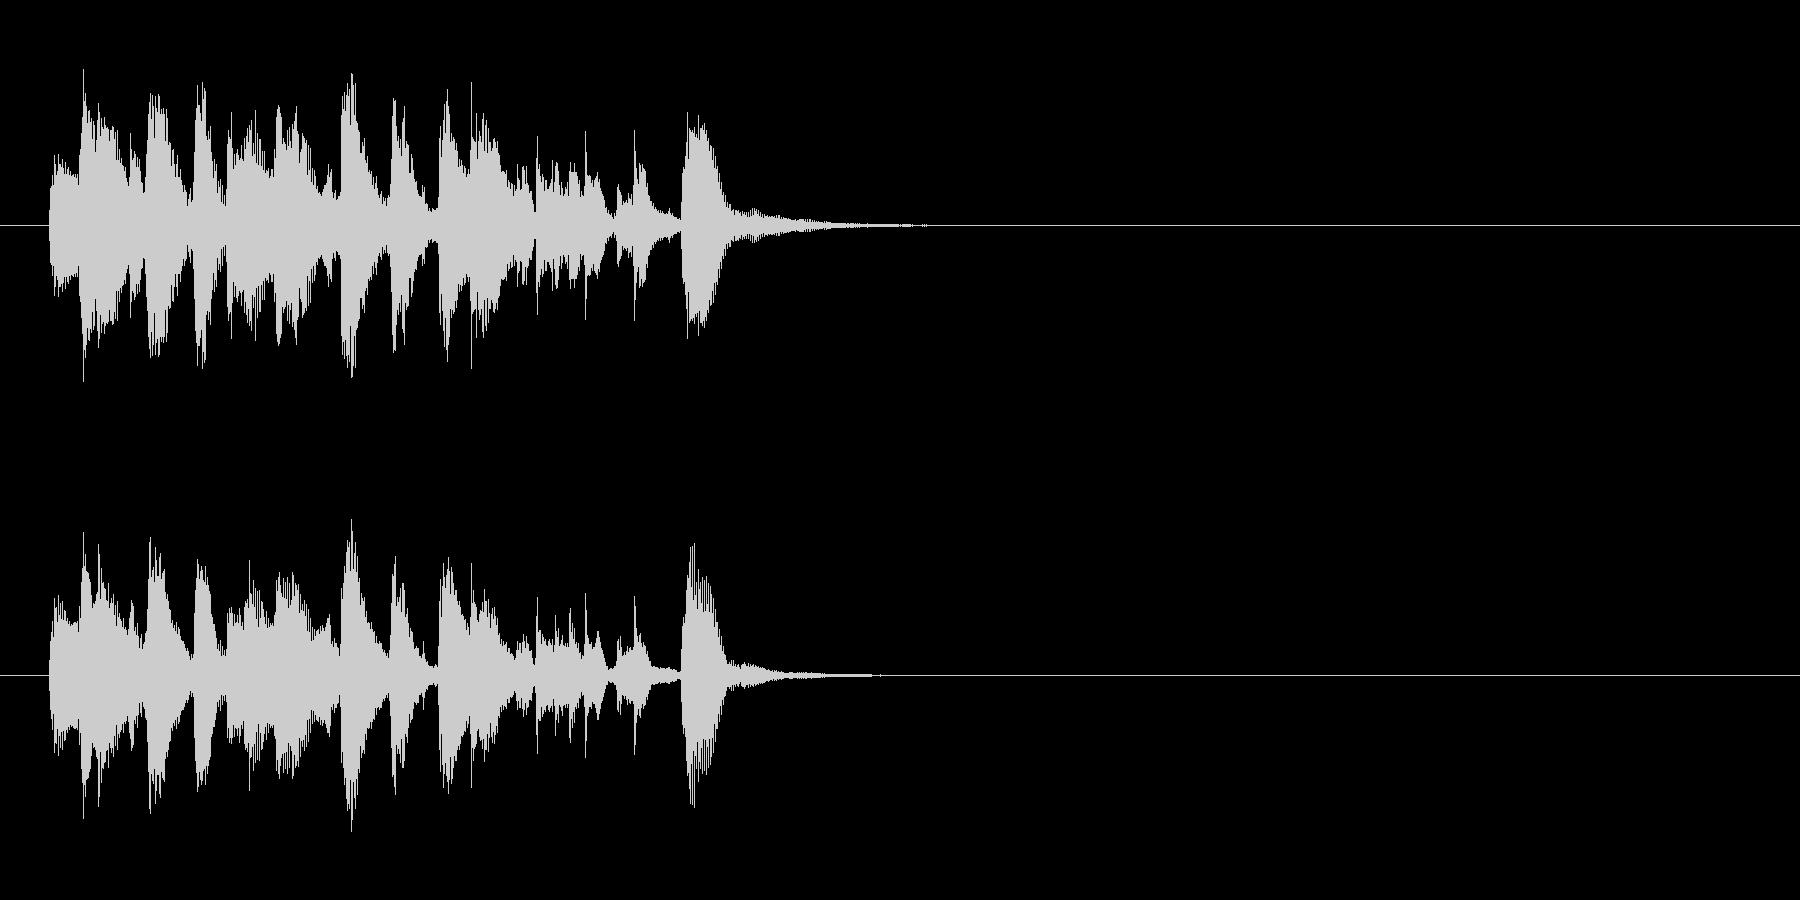 ジングル/コミカル(古き良き喜劇映画風)の未再生の波形